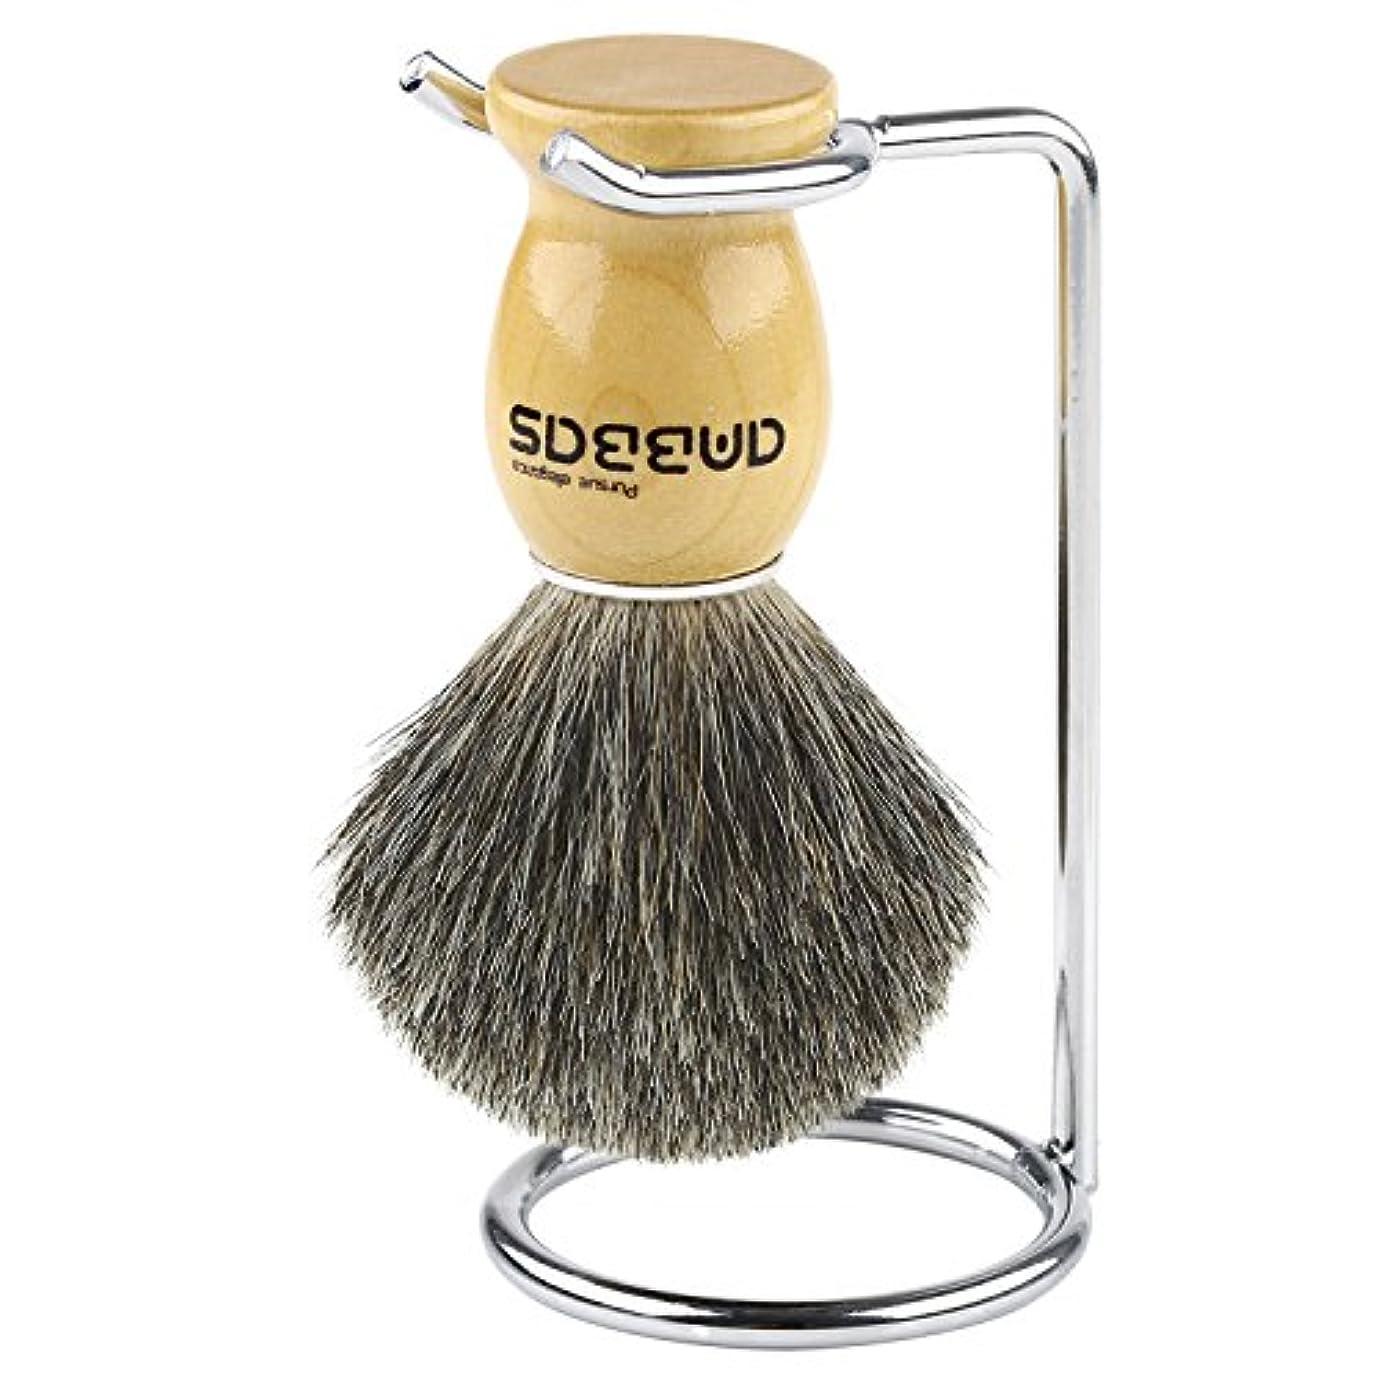 全体に養う攻撃的Anbbas シェービングブラシセット アナグマ毛 ブラシ+スタンド 2点セット メンズ 髭剃り 泡立ち 洗顔ブラシ